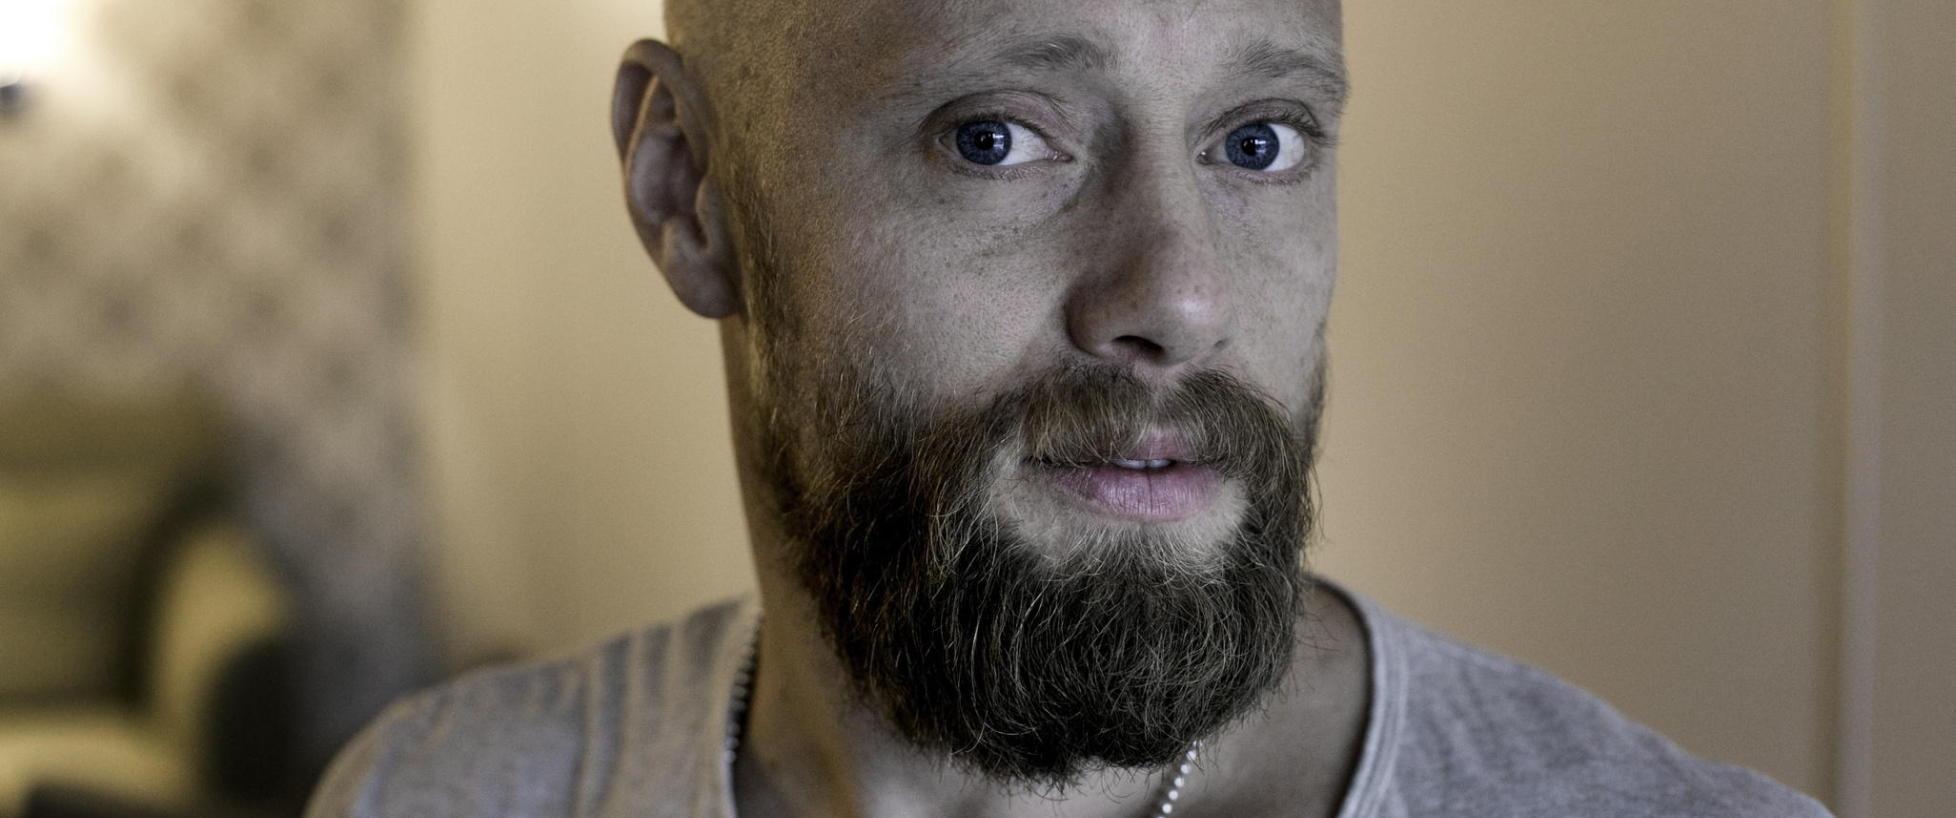 Morten Harket formue